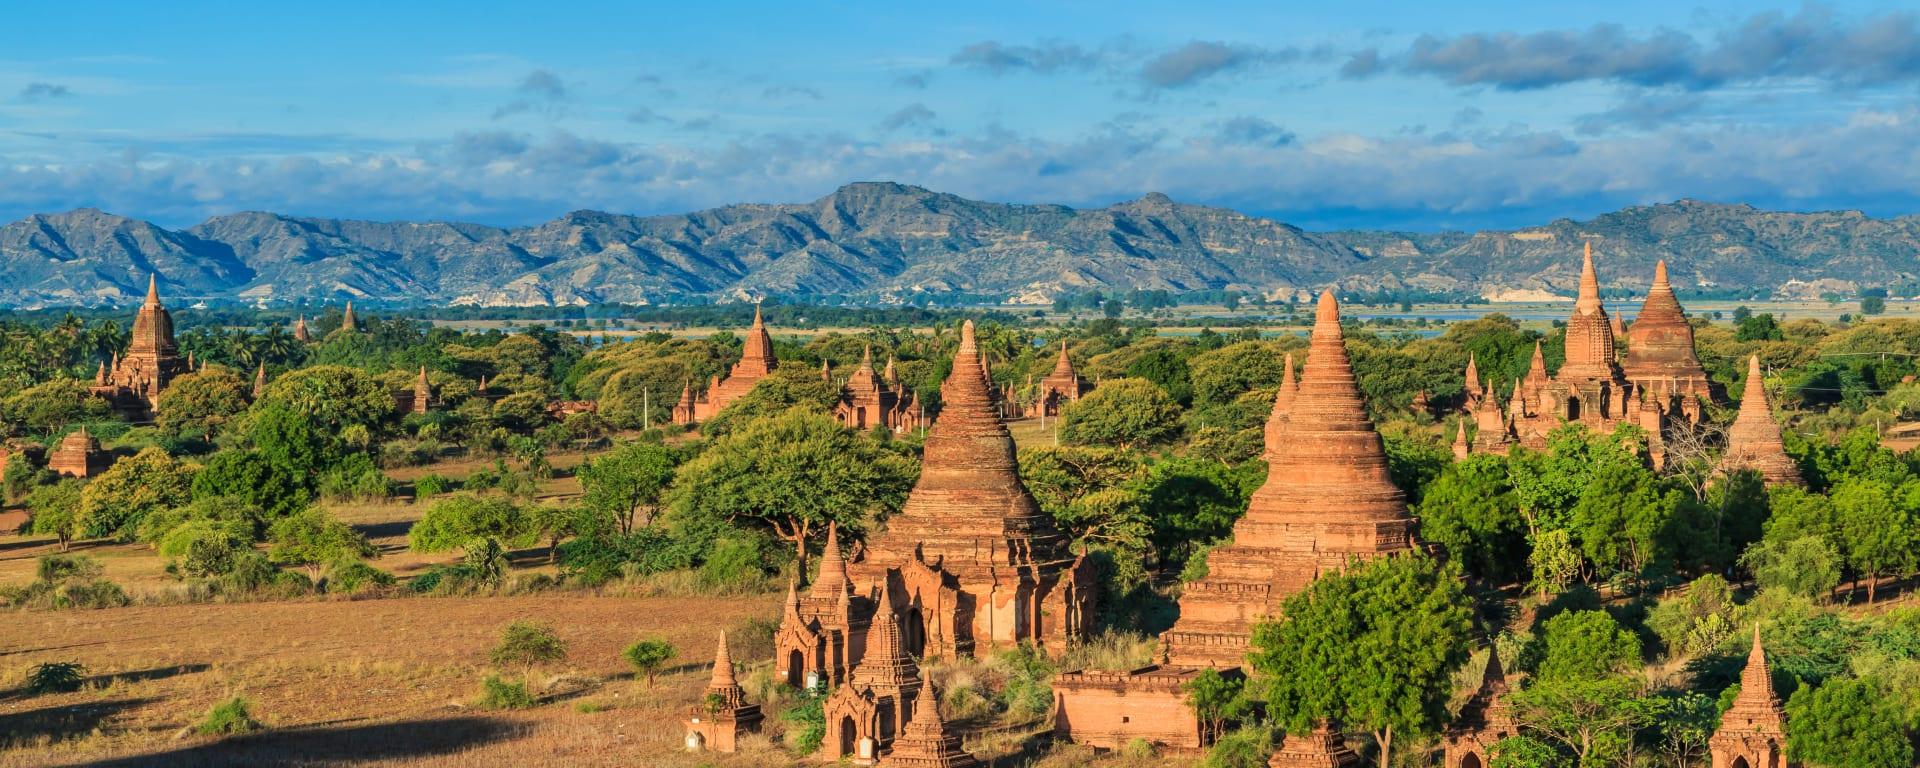 Myanmar entdecken mit Tischler Reisen: Myanmar Bagan Panorama